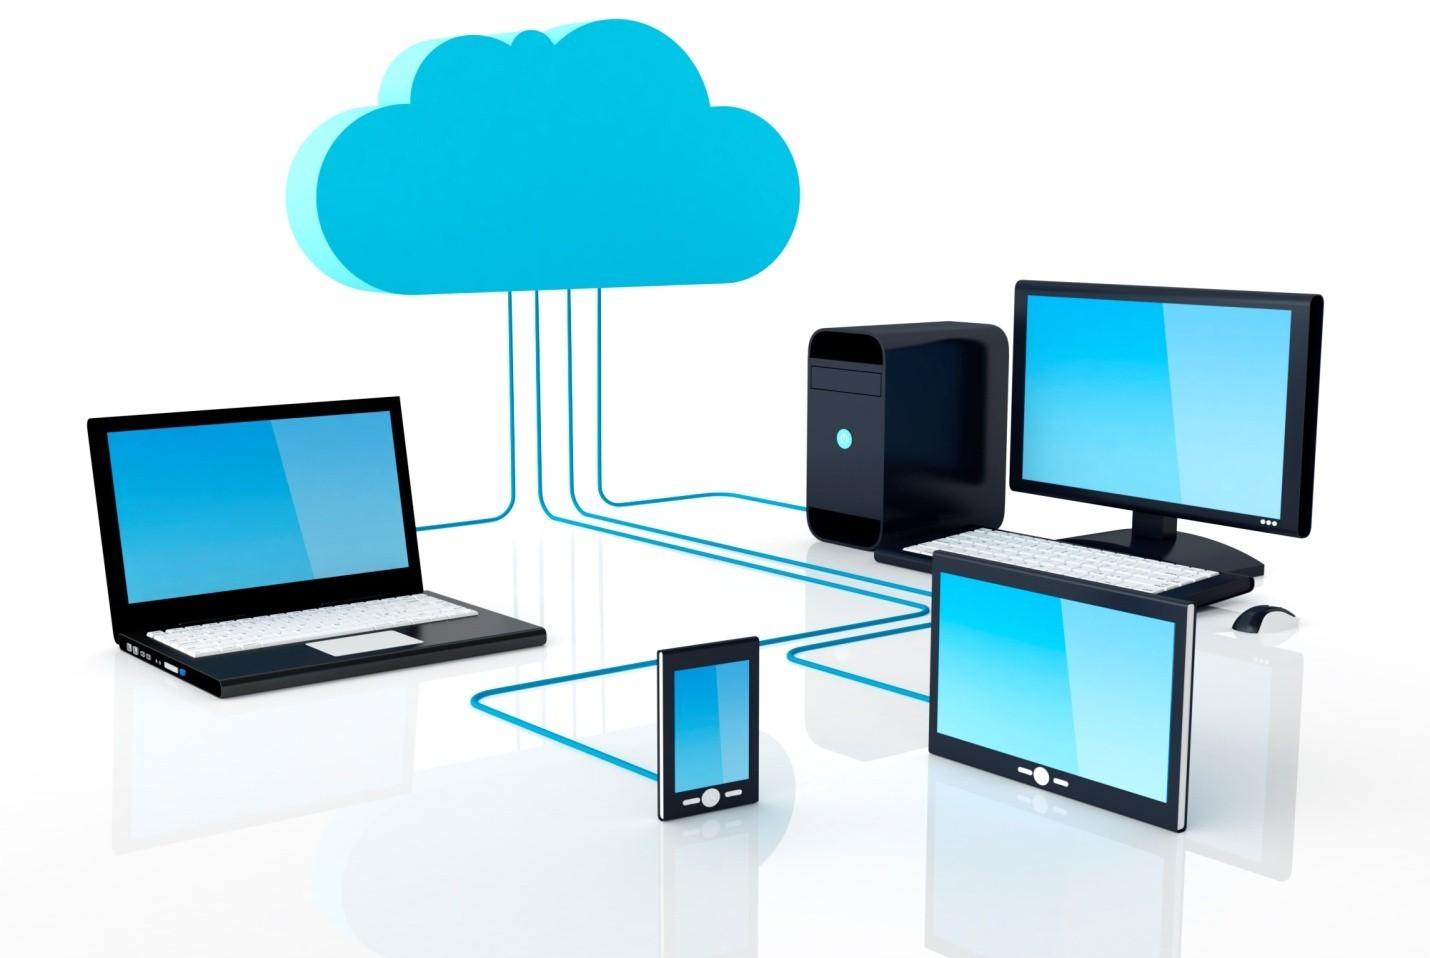 виртуальный хостинг на своем компьютере скачать